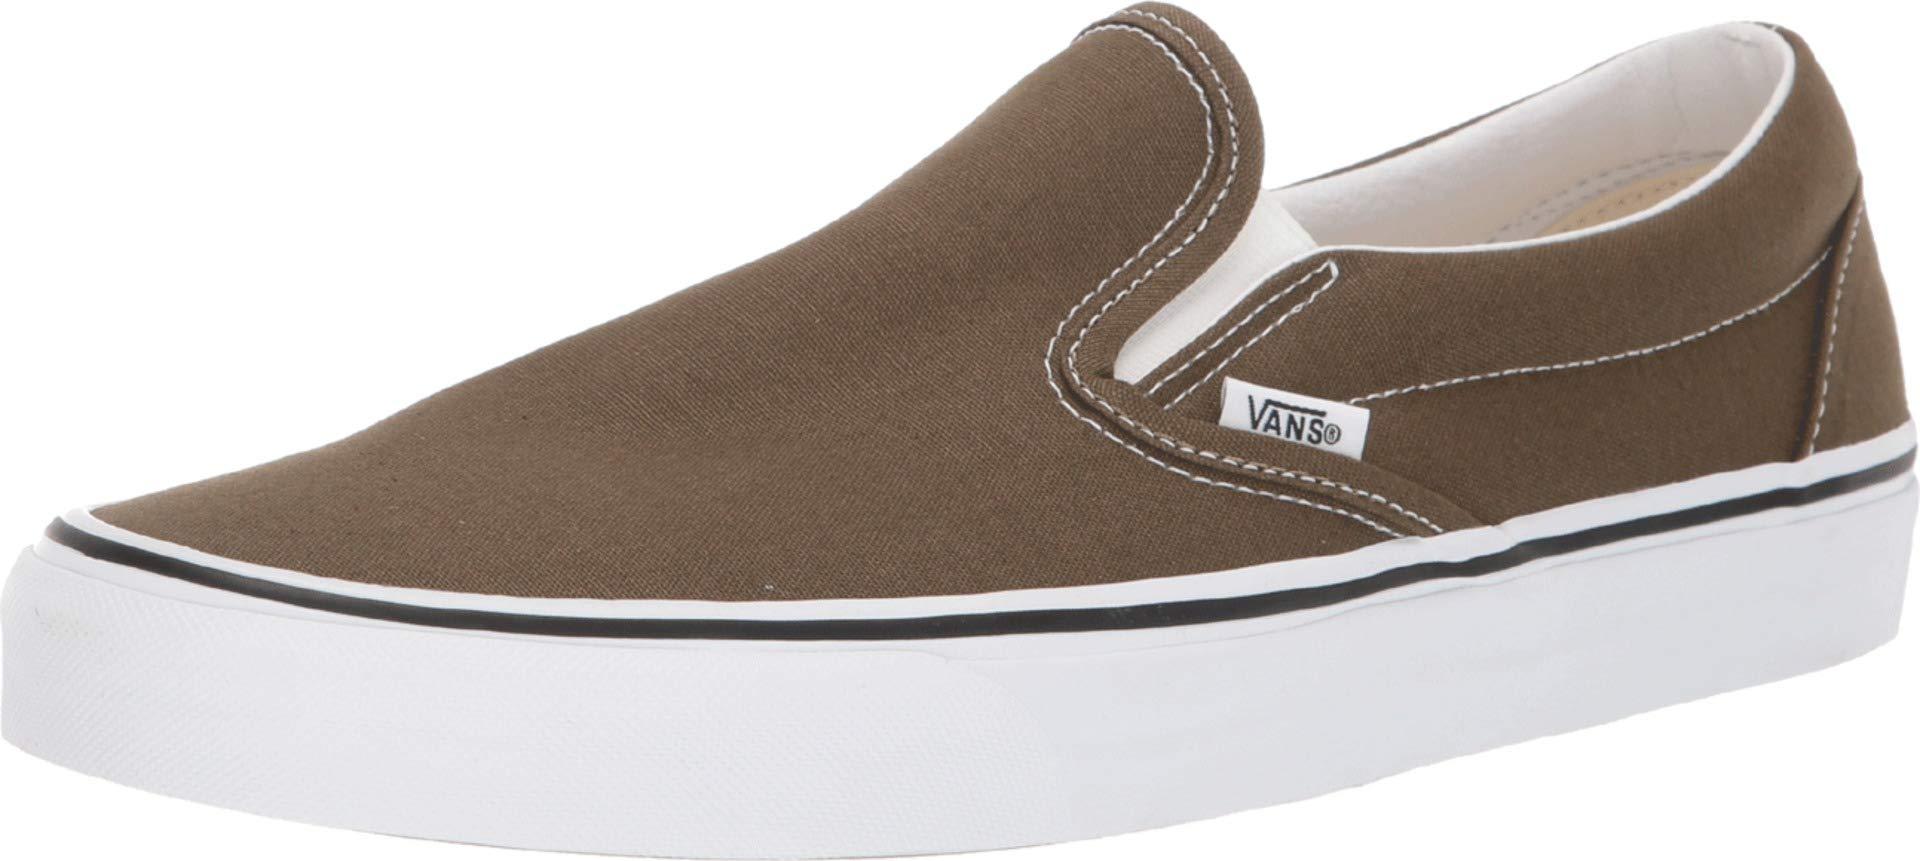 Vans Unisex Classic Slip-On Skate Shoe (10.5 Women/9 Men, Beech/True White) by Vans